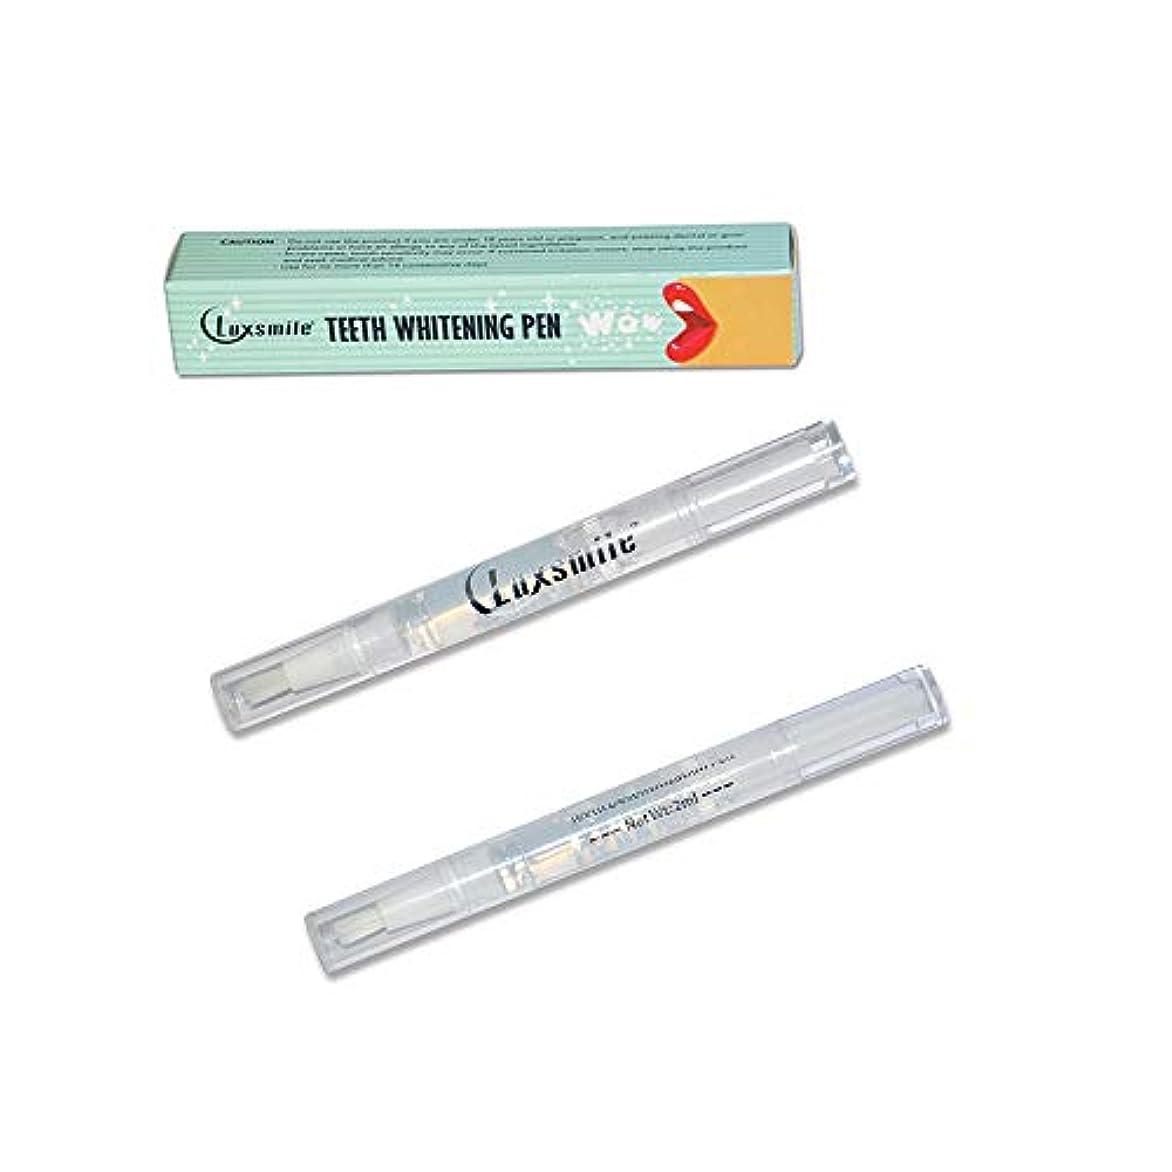 シャンパン防ぐ振動させるホワイトニングペン 2個セット (18%過酸化尿素配合)